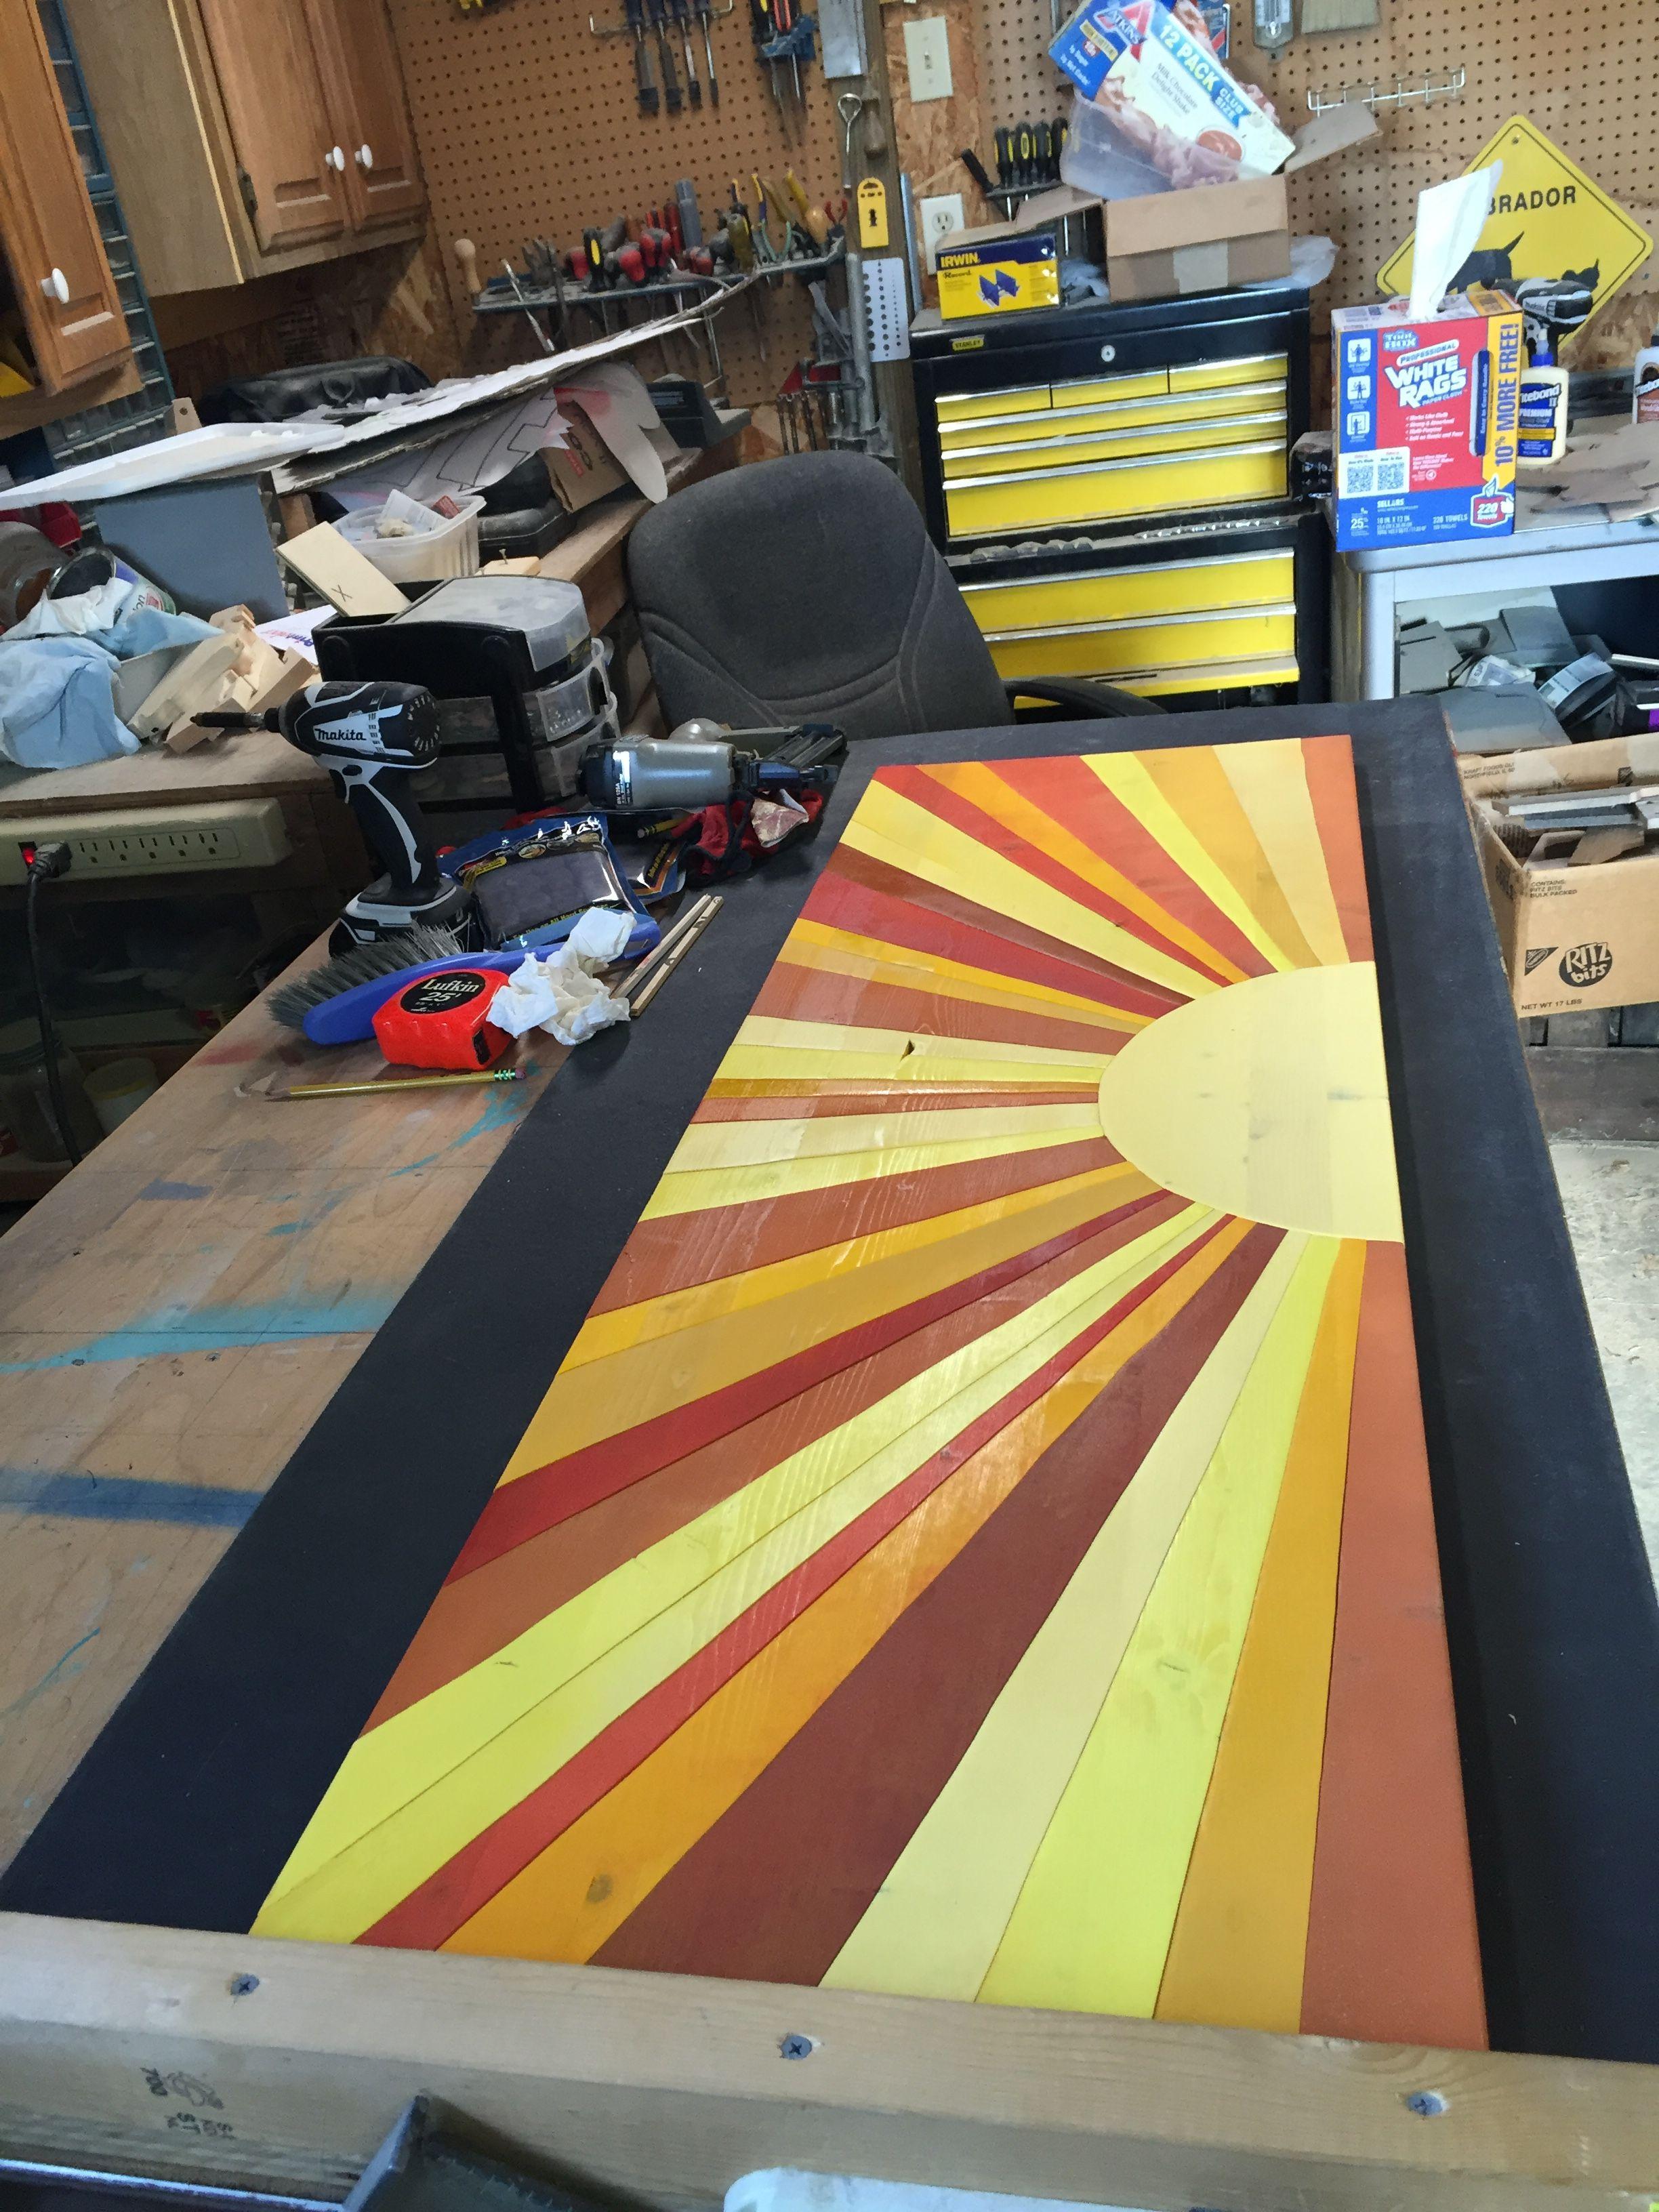 Pin by Matt Courtade on Sun | Pinterest | Wood art, Woods and Wood ...